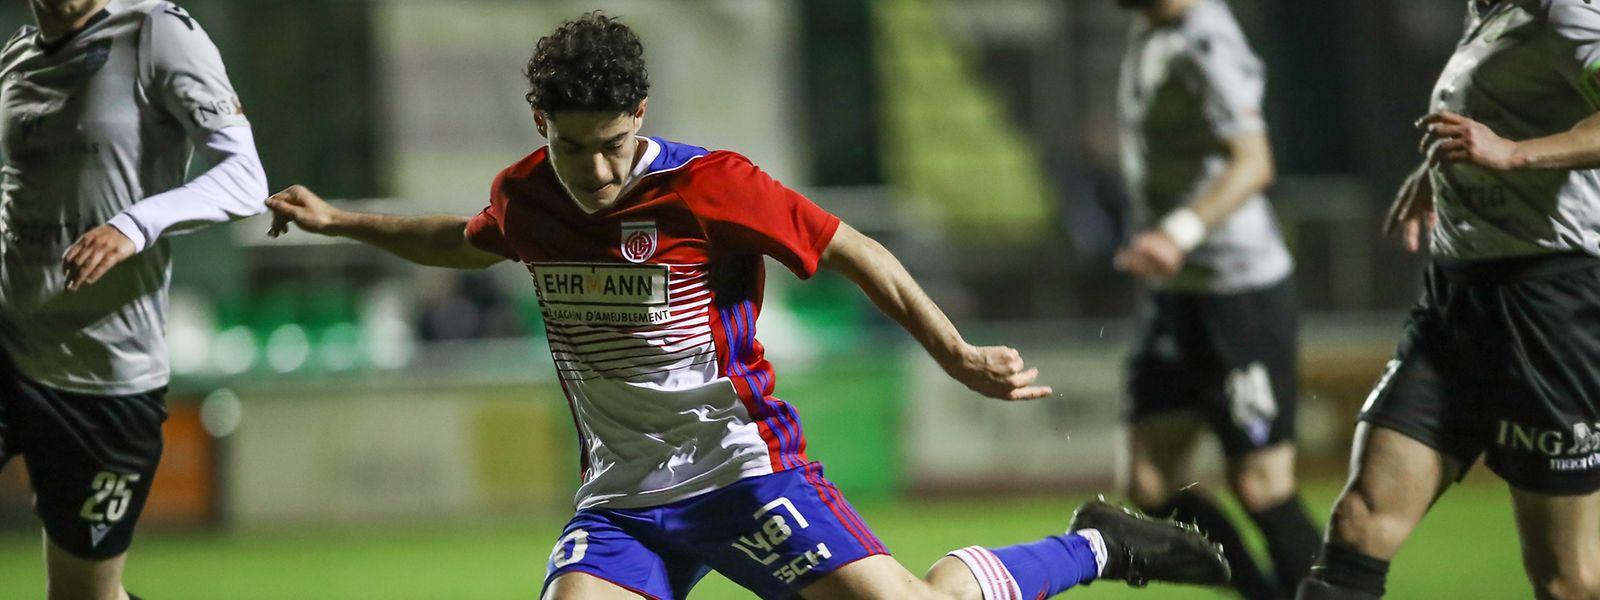 18 Jahre, talentiert und torgefährlich: Lucas Correia.